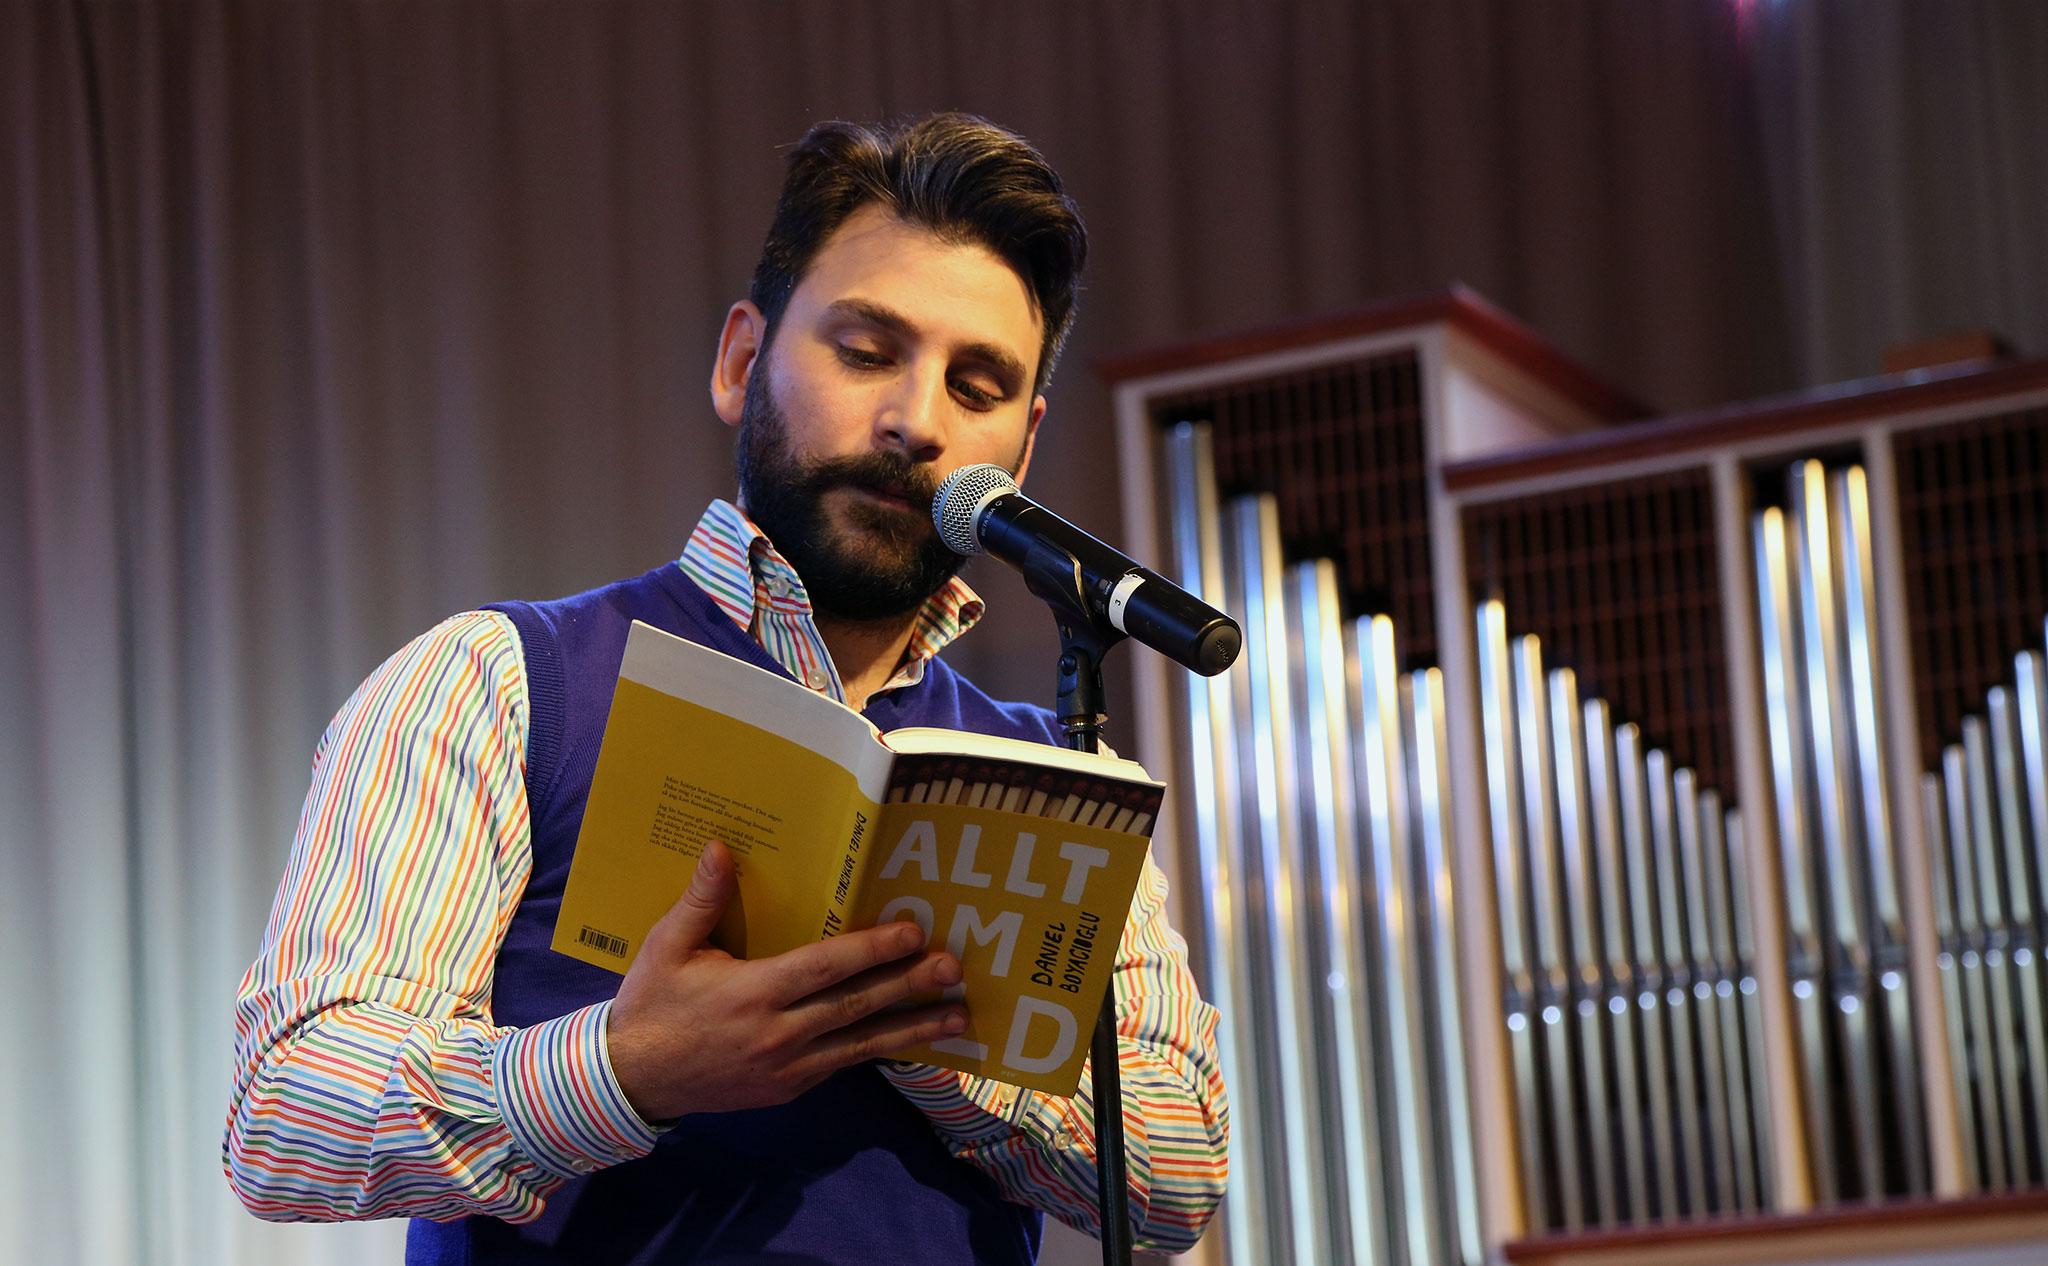 """Daniel står på scen i aulan och läser ur en gul bok med texten """"Allt om eld""""."""